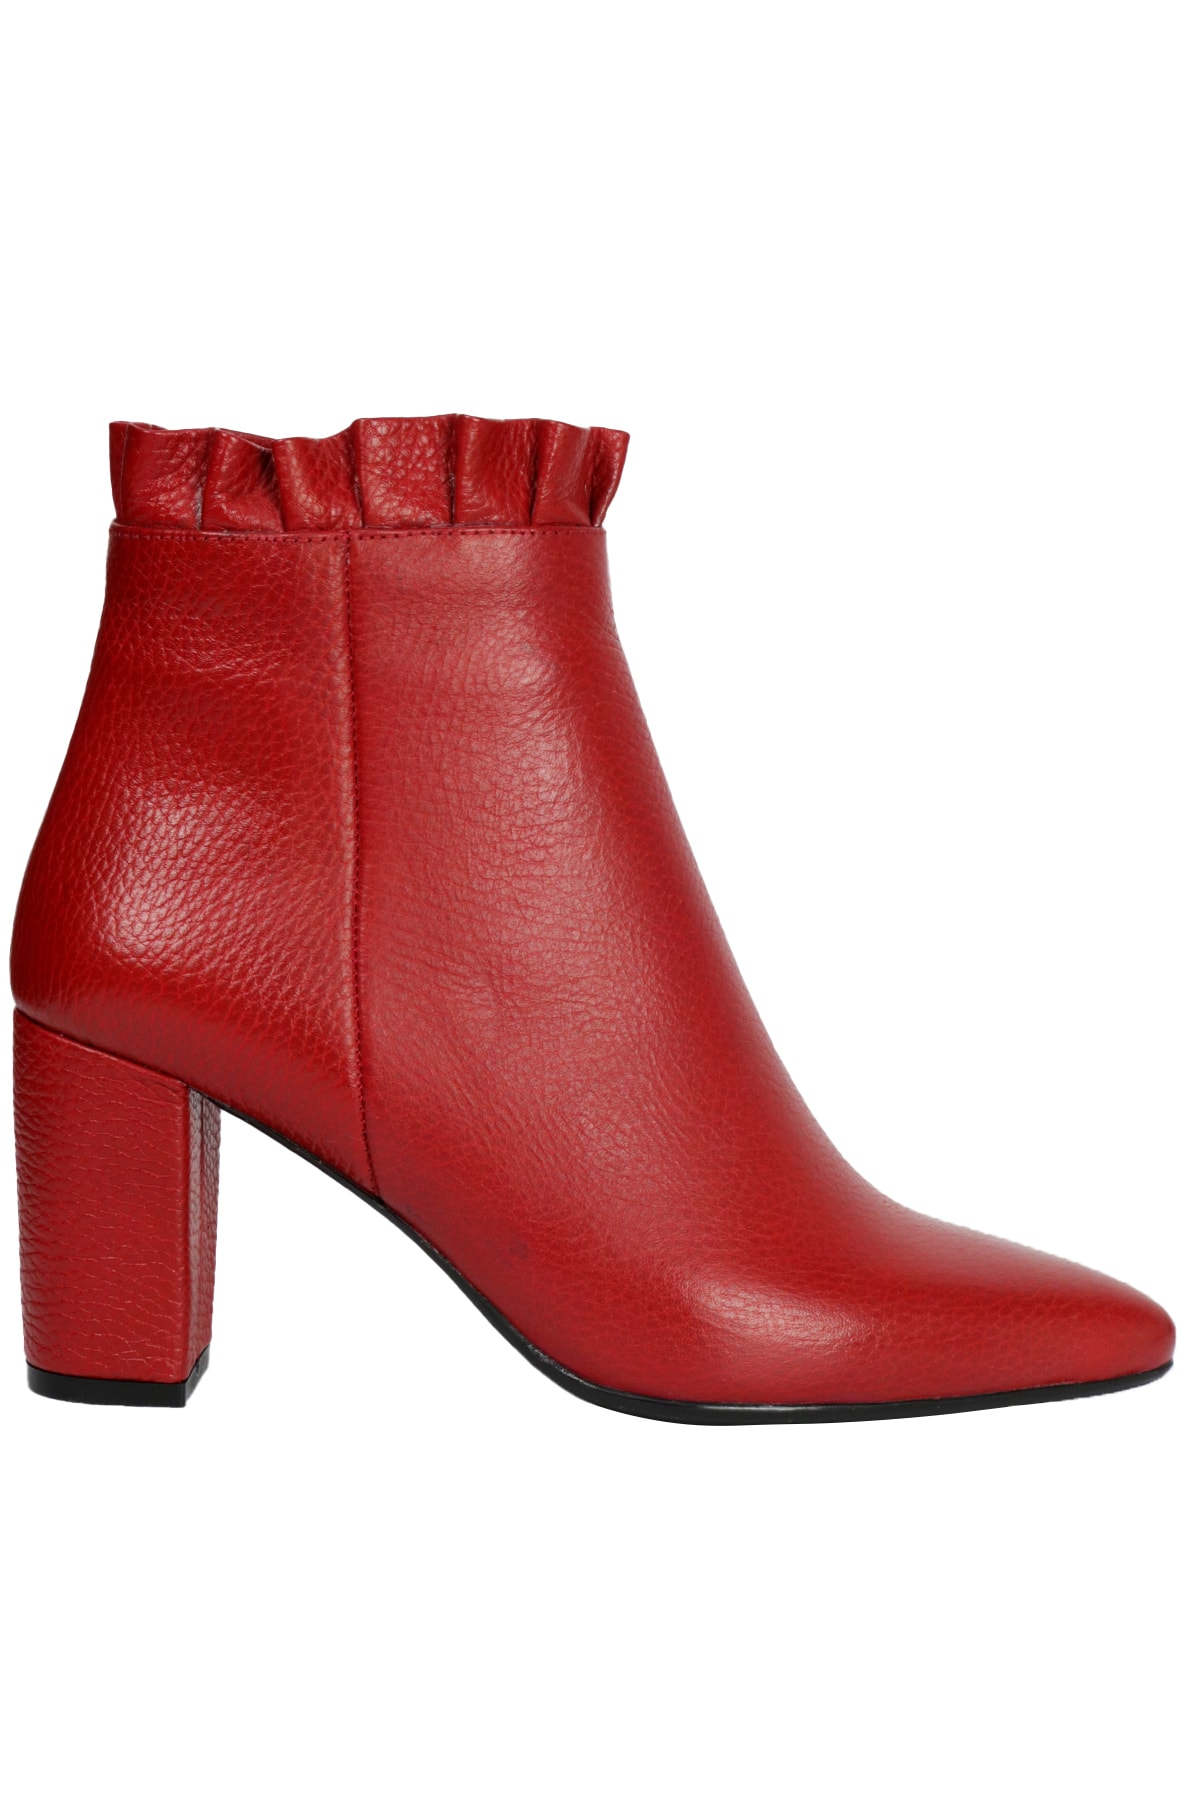 Kadın Kırmızı Flotur Topuklu Deri Bot